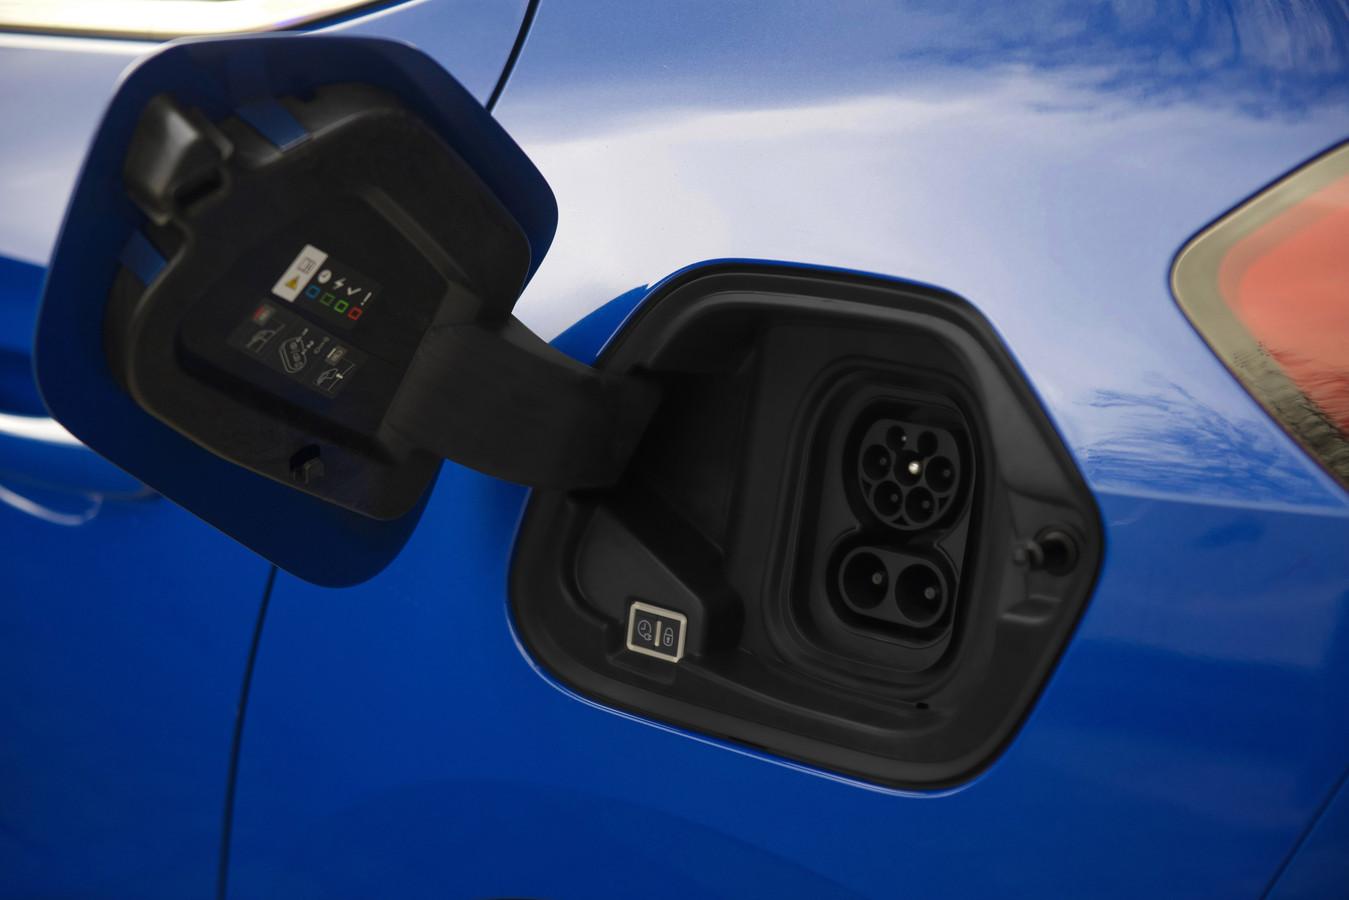 De Corsa-e kan snelladen met maximaal 100 kW